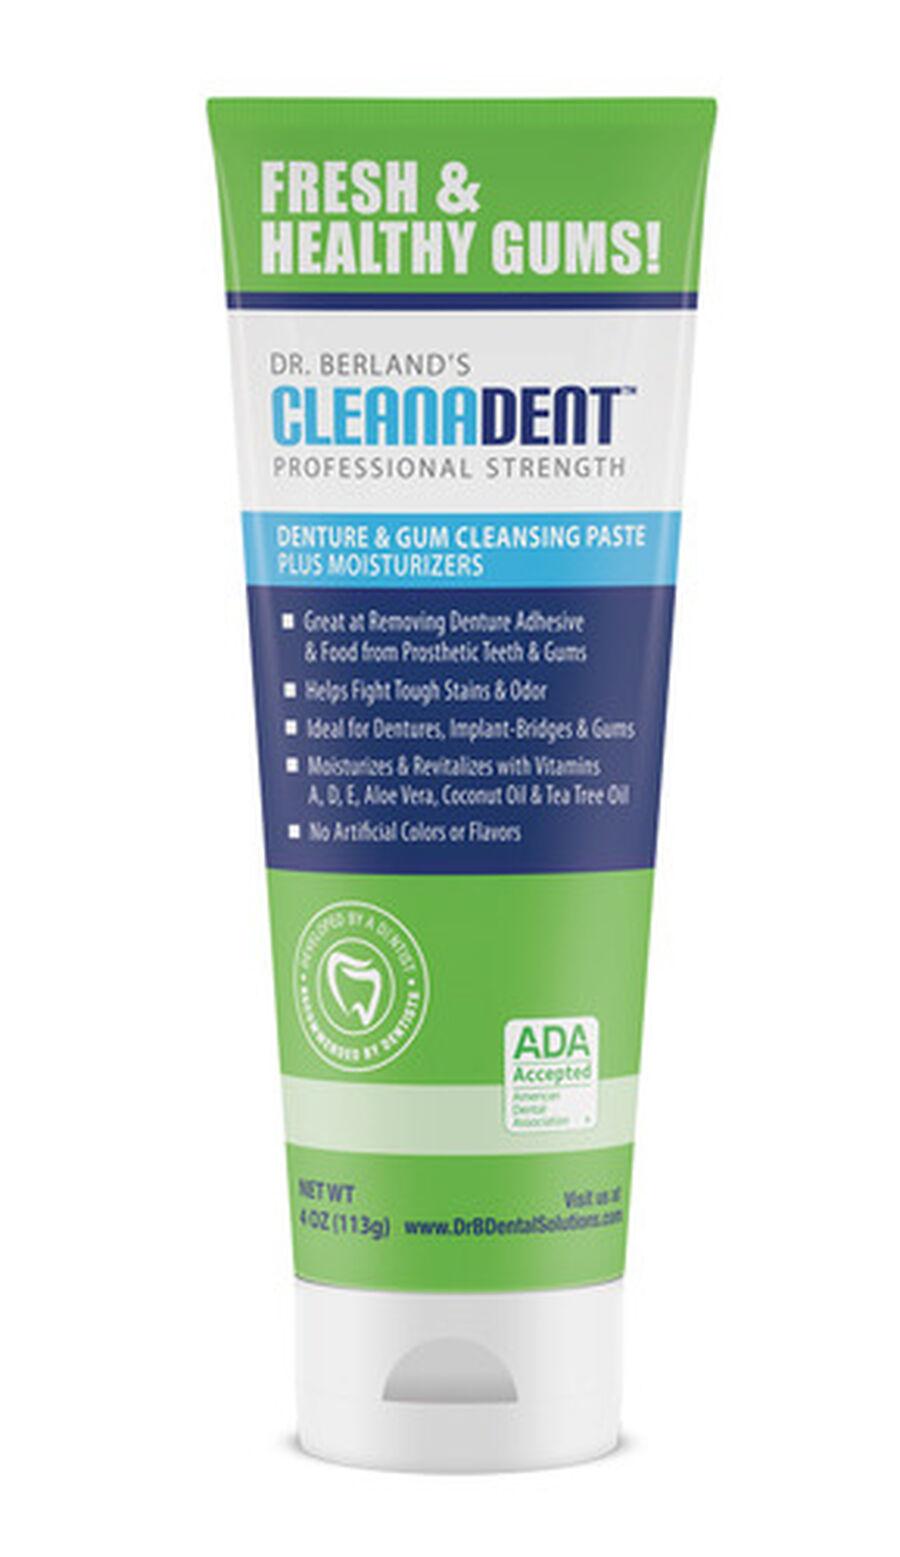 Dr. B Dental Solutions Denture & Gum Cleansing Paste - 4oz, , large image number 3